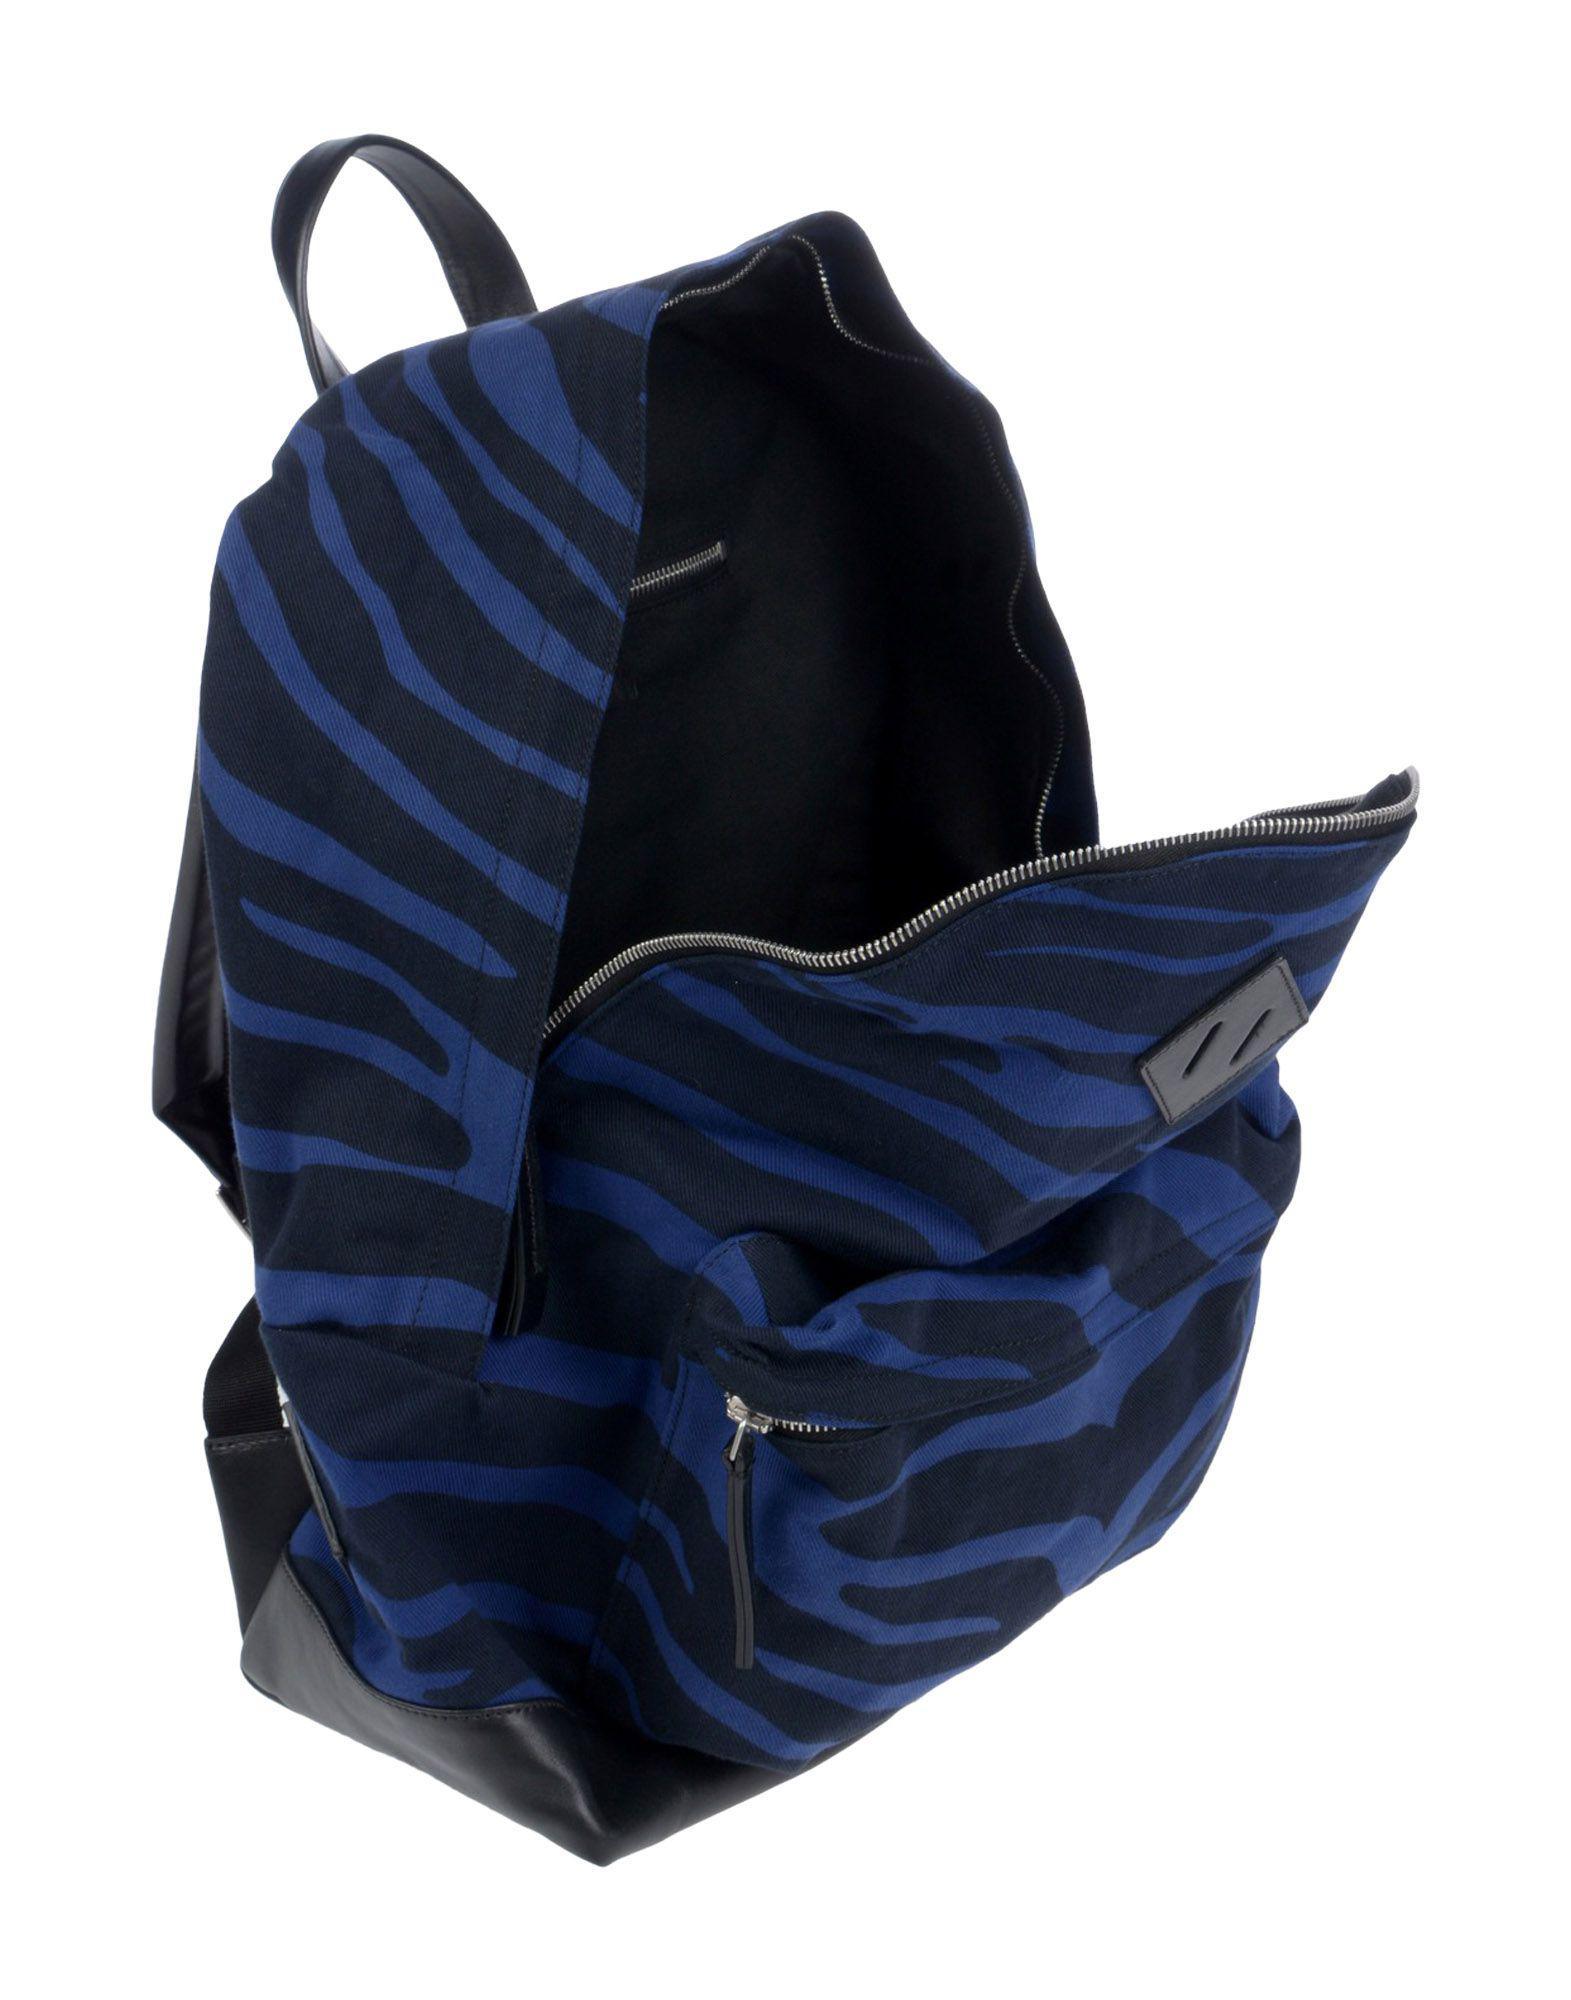 Golden Goose Deluxe Brand Leather Backpacks & Fanny Packs in Blue for Men